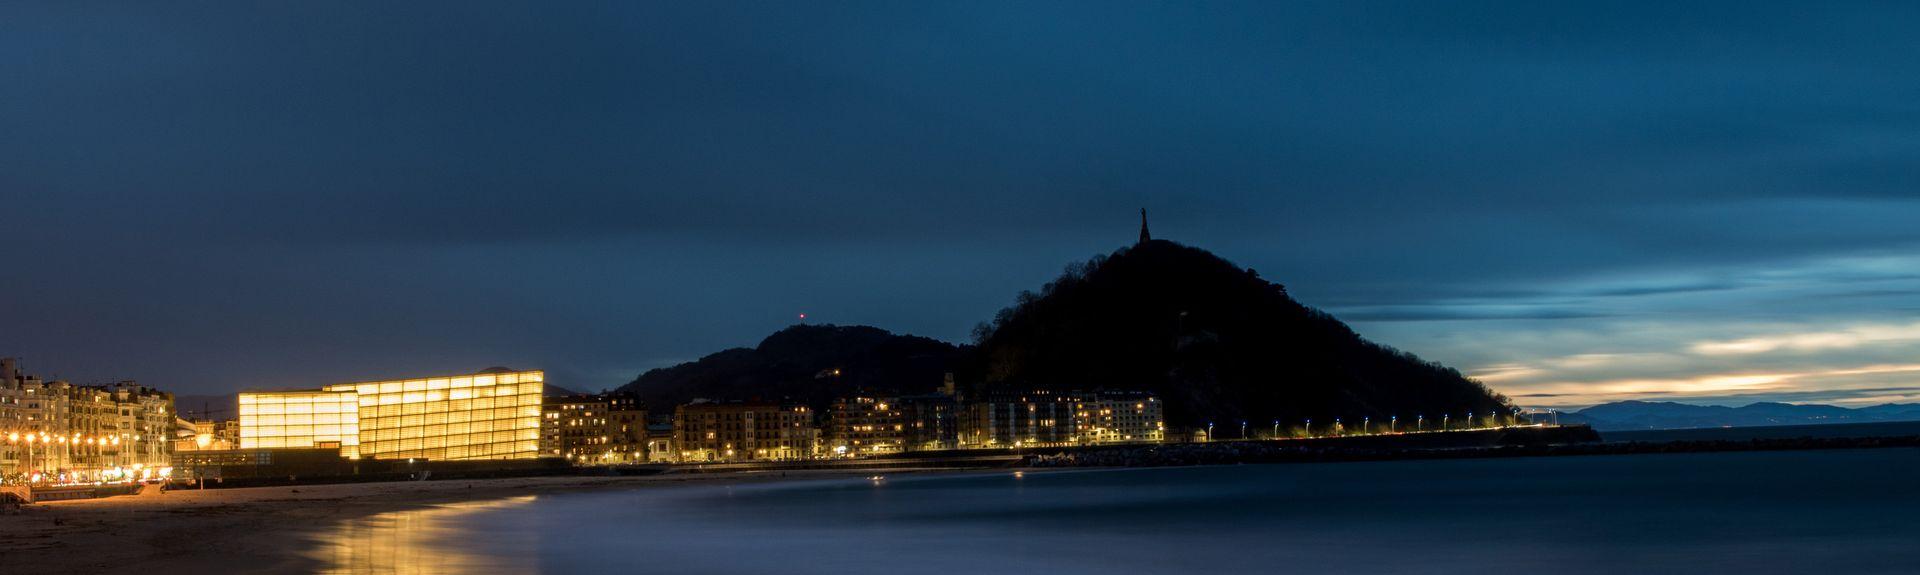 Strand von Zurriola, San Sebastián, Baskenland, Spanien